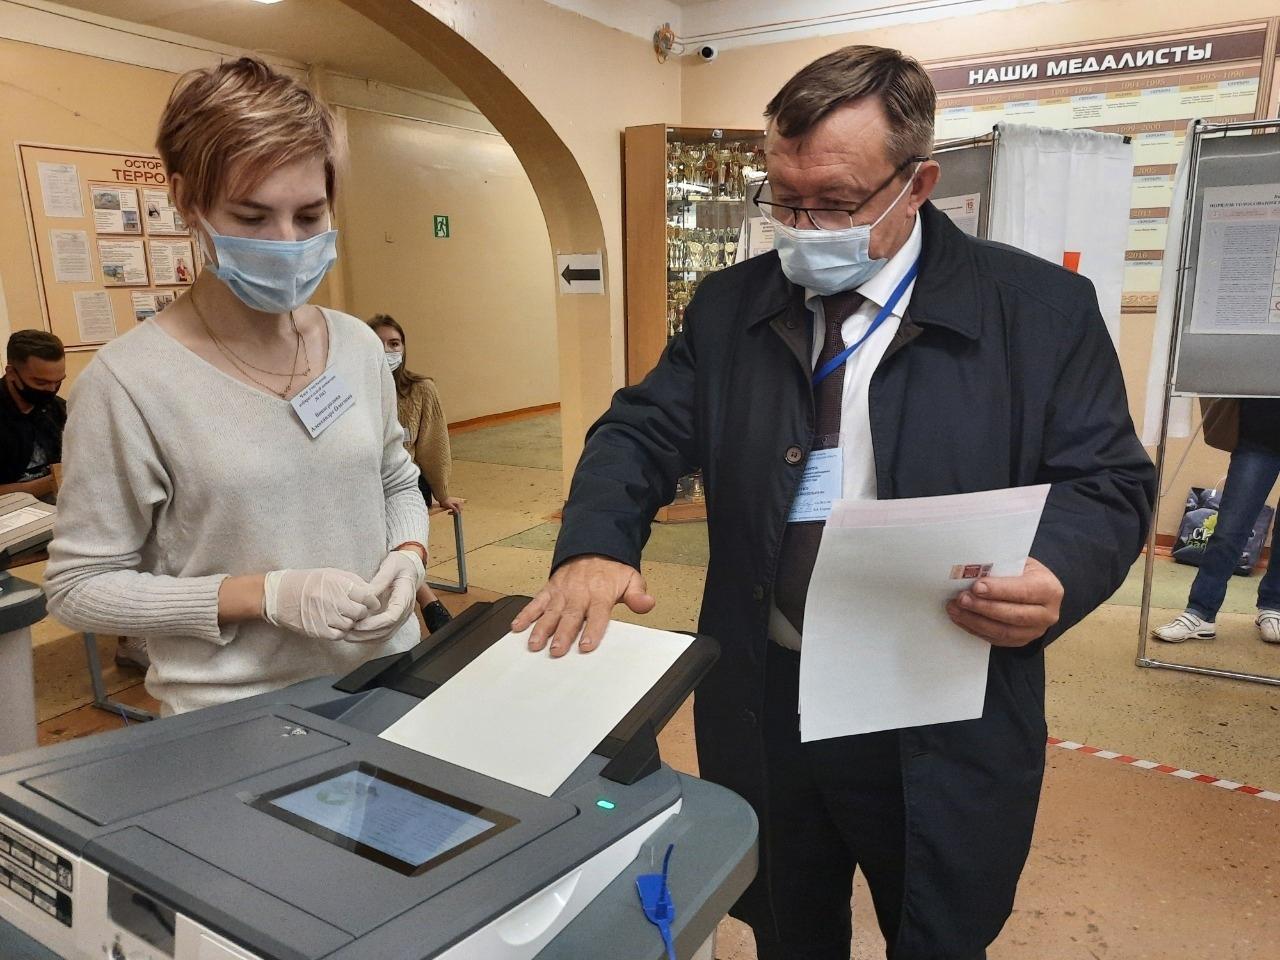 Александр Бутузов: «Голосование проходит в штатном режиме»